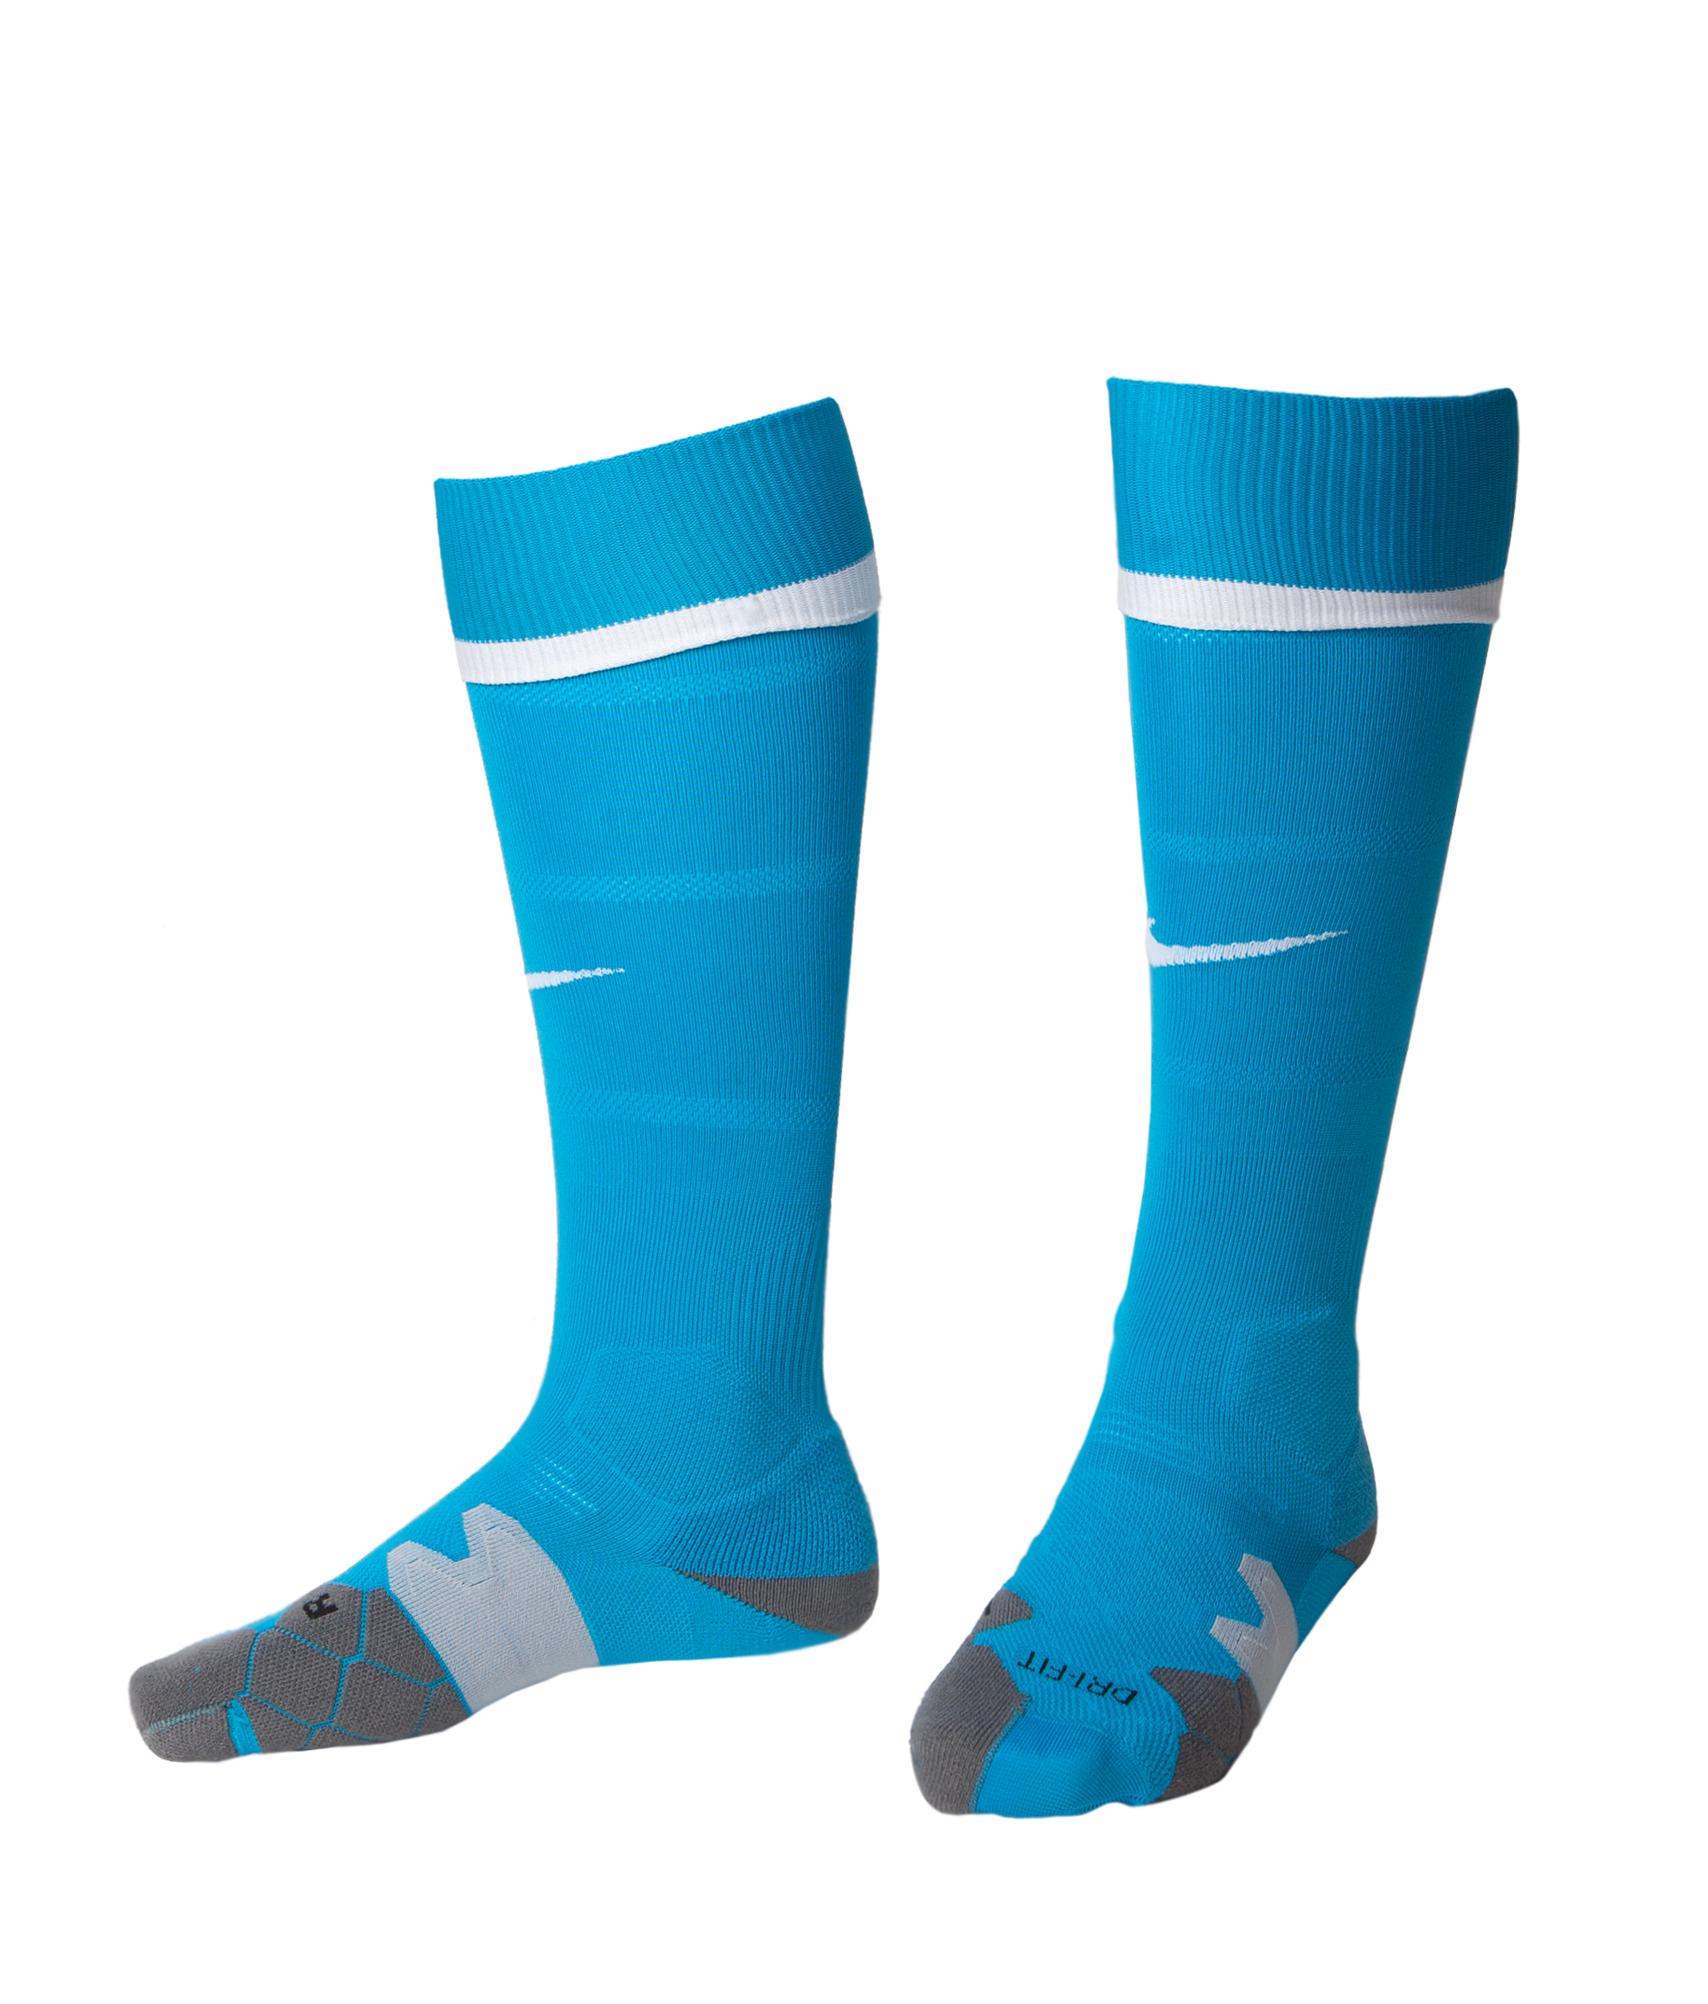 Гетры 2012, Цвет-Синий, Размер-L спортивные лифчики найк